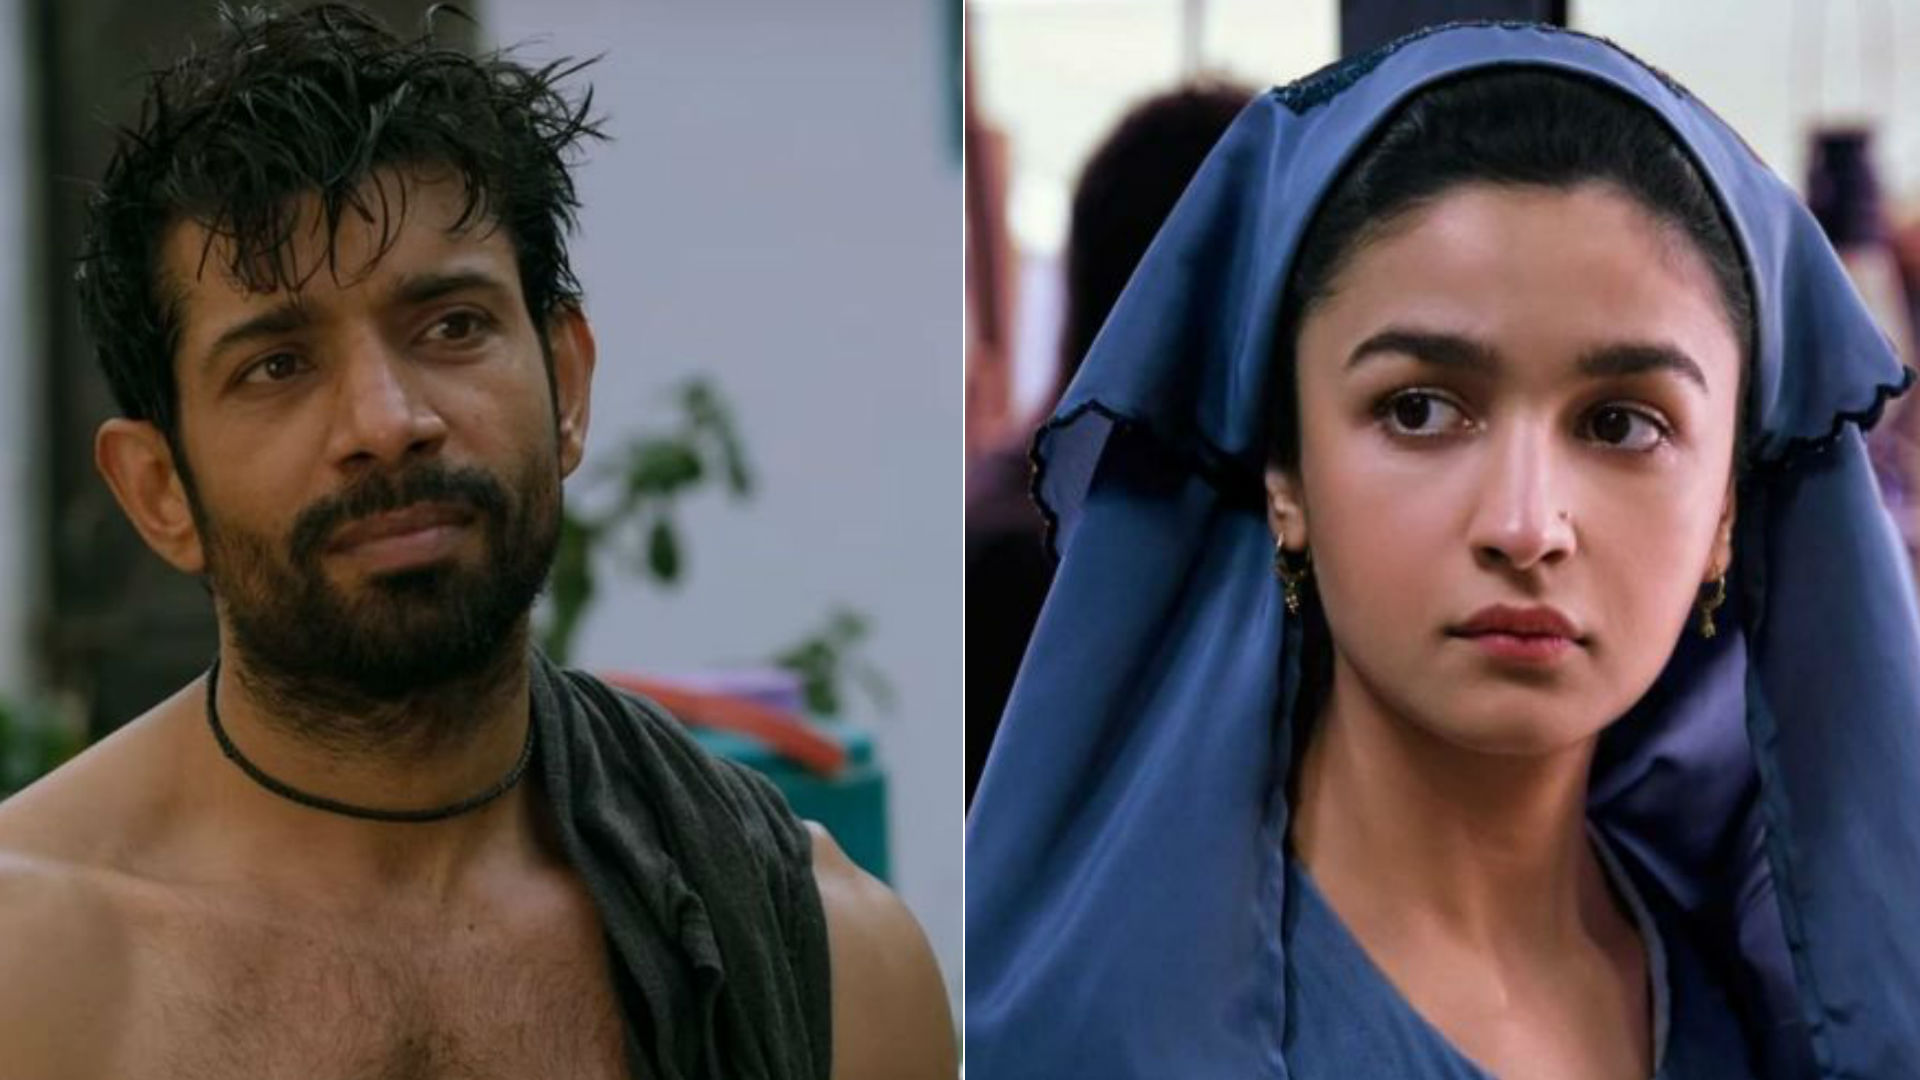 क्रिटिक्स चॉइस फिल्म अवॉर्ड्स 2019 में छाई फिल्म अंधाधुन, विनीत सिंह-आलिया भट्ट बने बेस्ट एक्टर्स, देखें लिस्ट